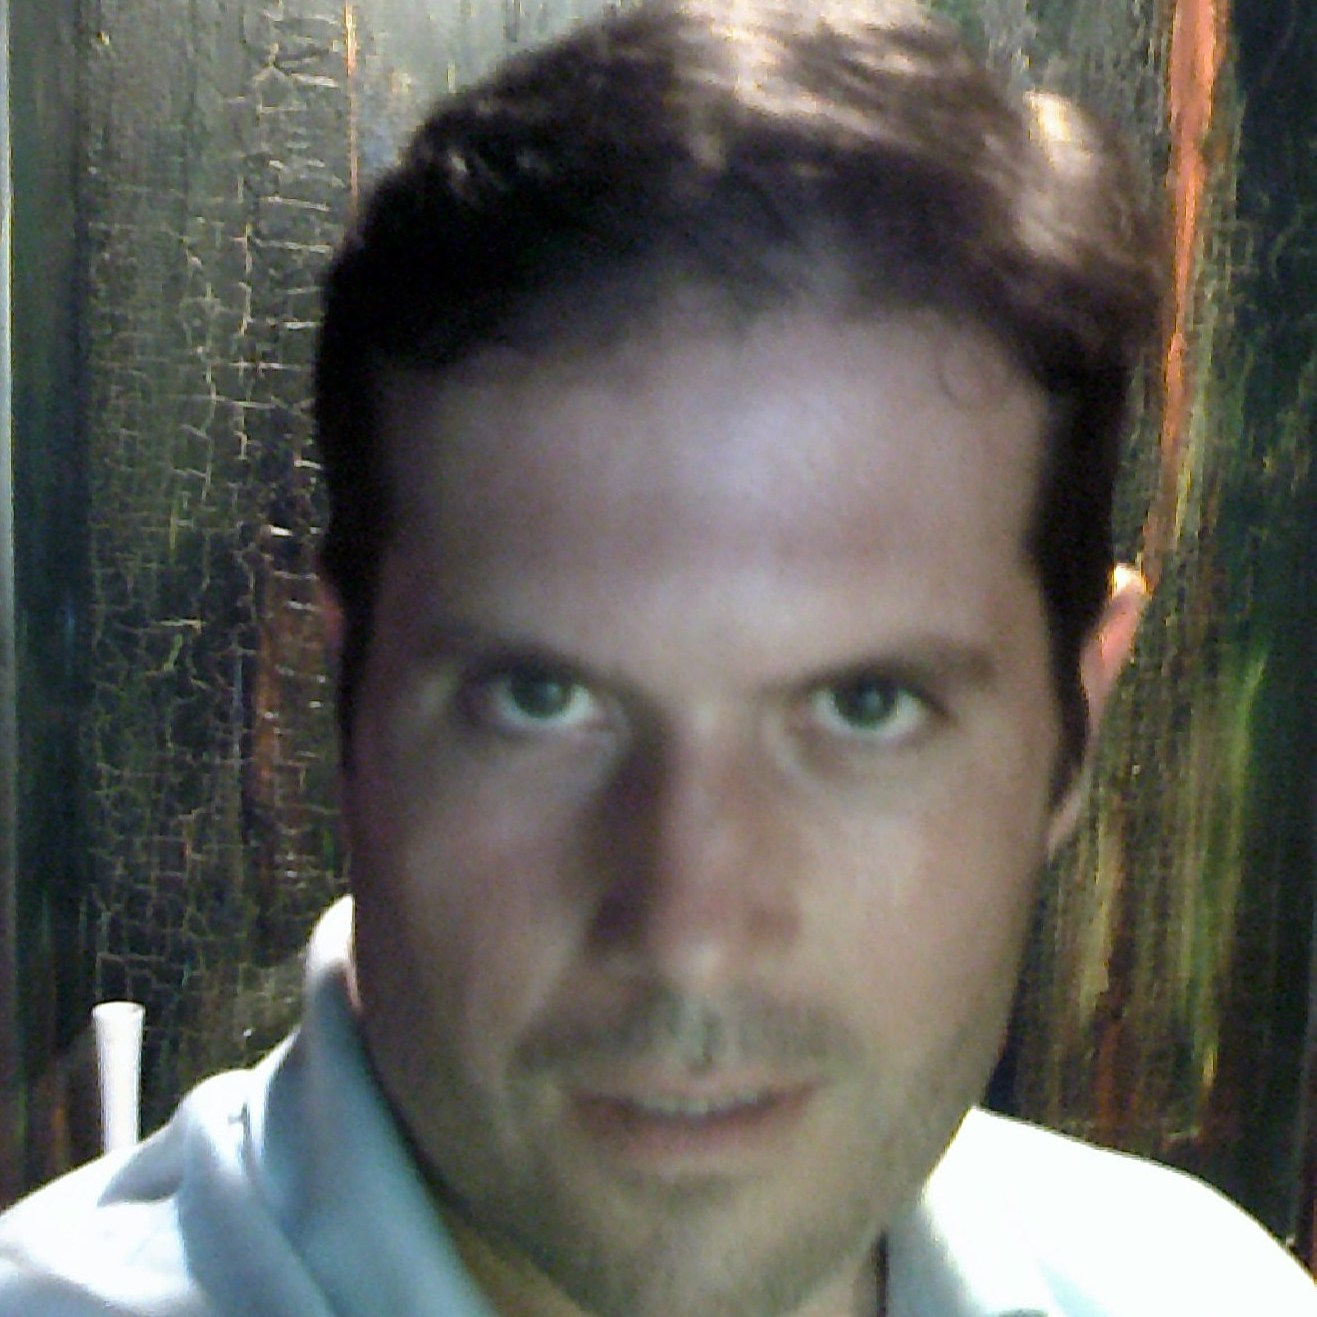 Pablo Gehr